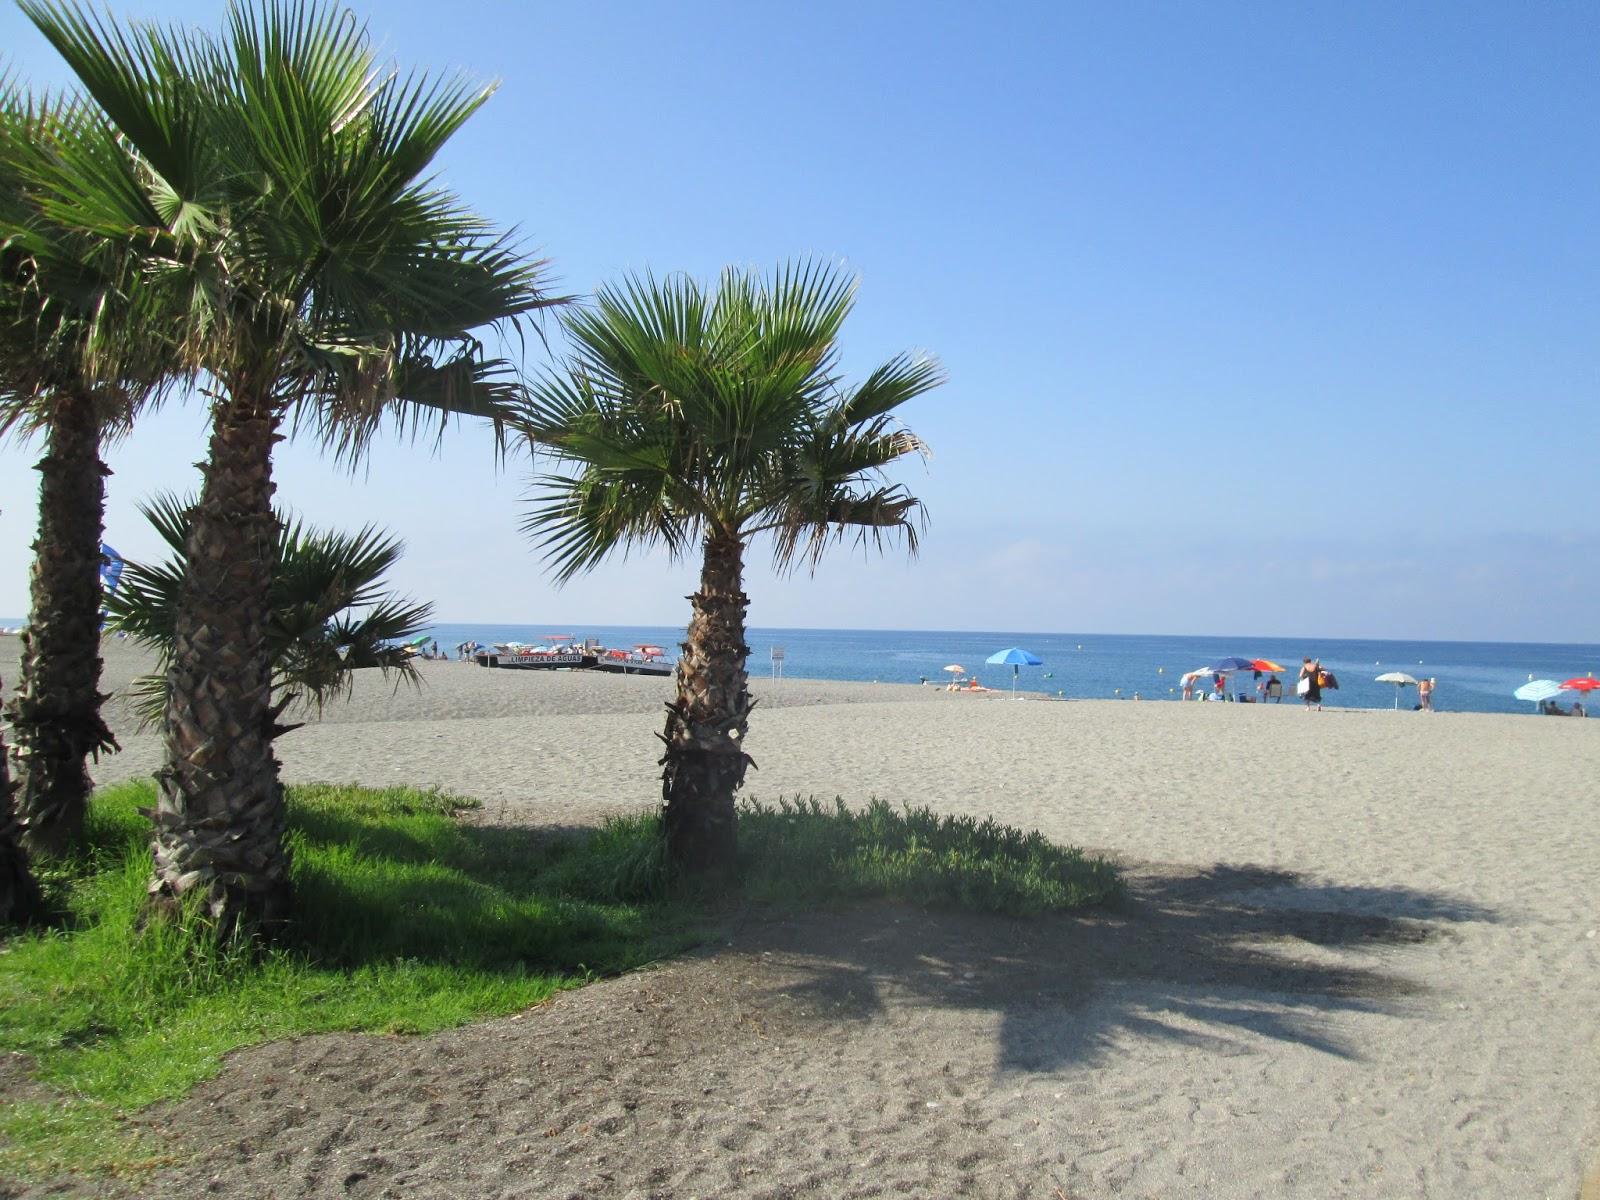 contact, vraag over deze lokatie? strand van badplaats Salobreña